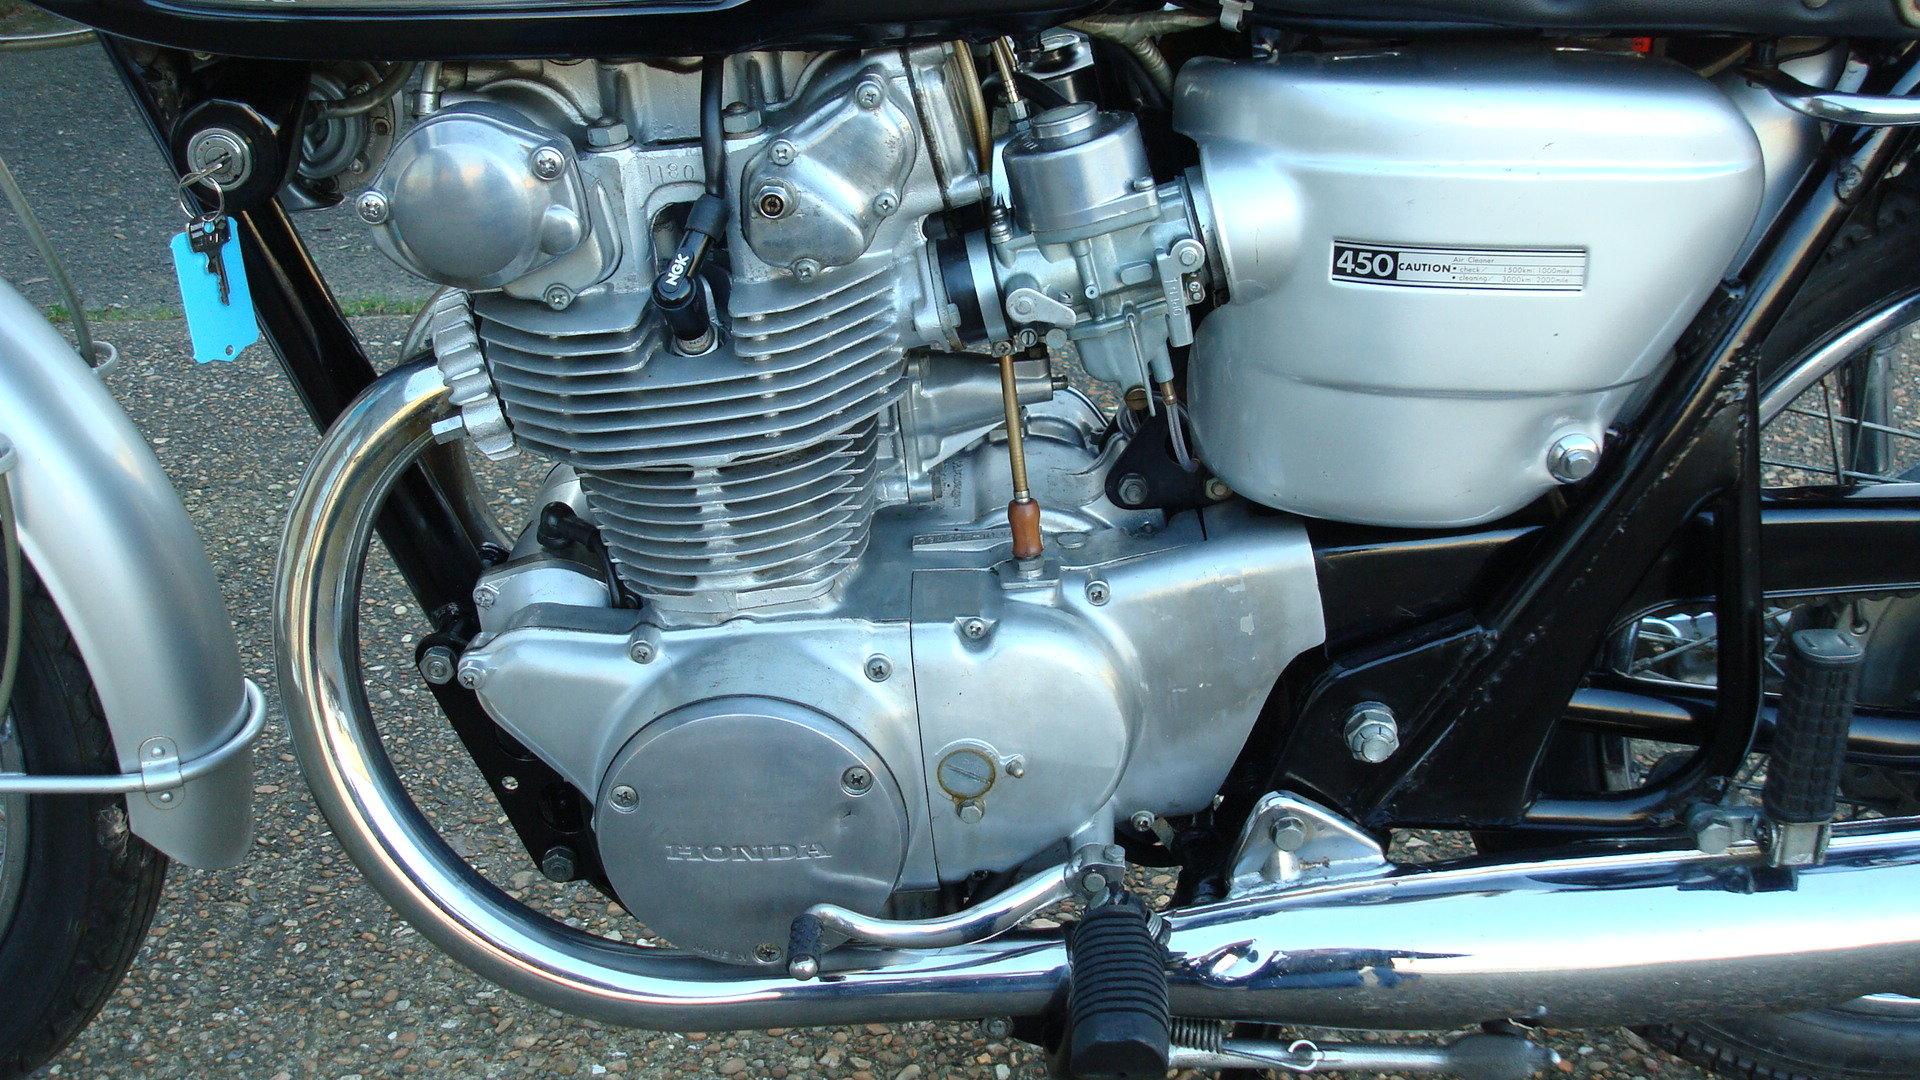 1968 Honda CB 450 K0 BLACK BOMBER 1969-G *UN-RESTORED* For Sale (picture 5 of 6)